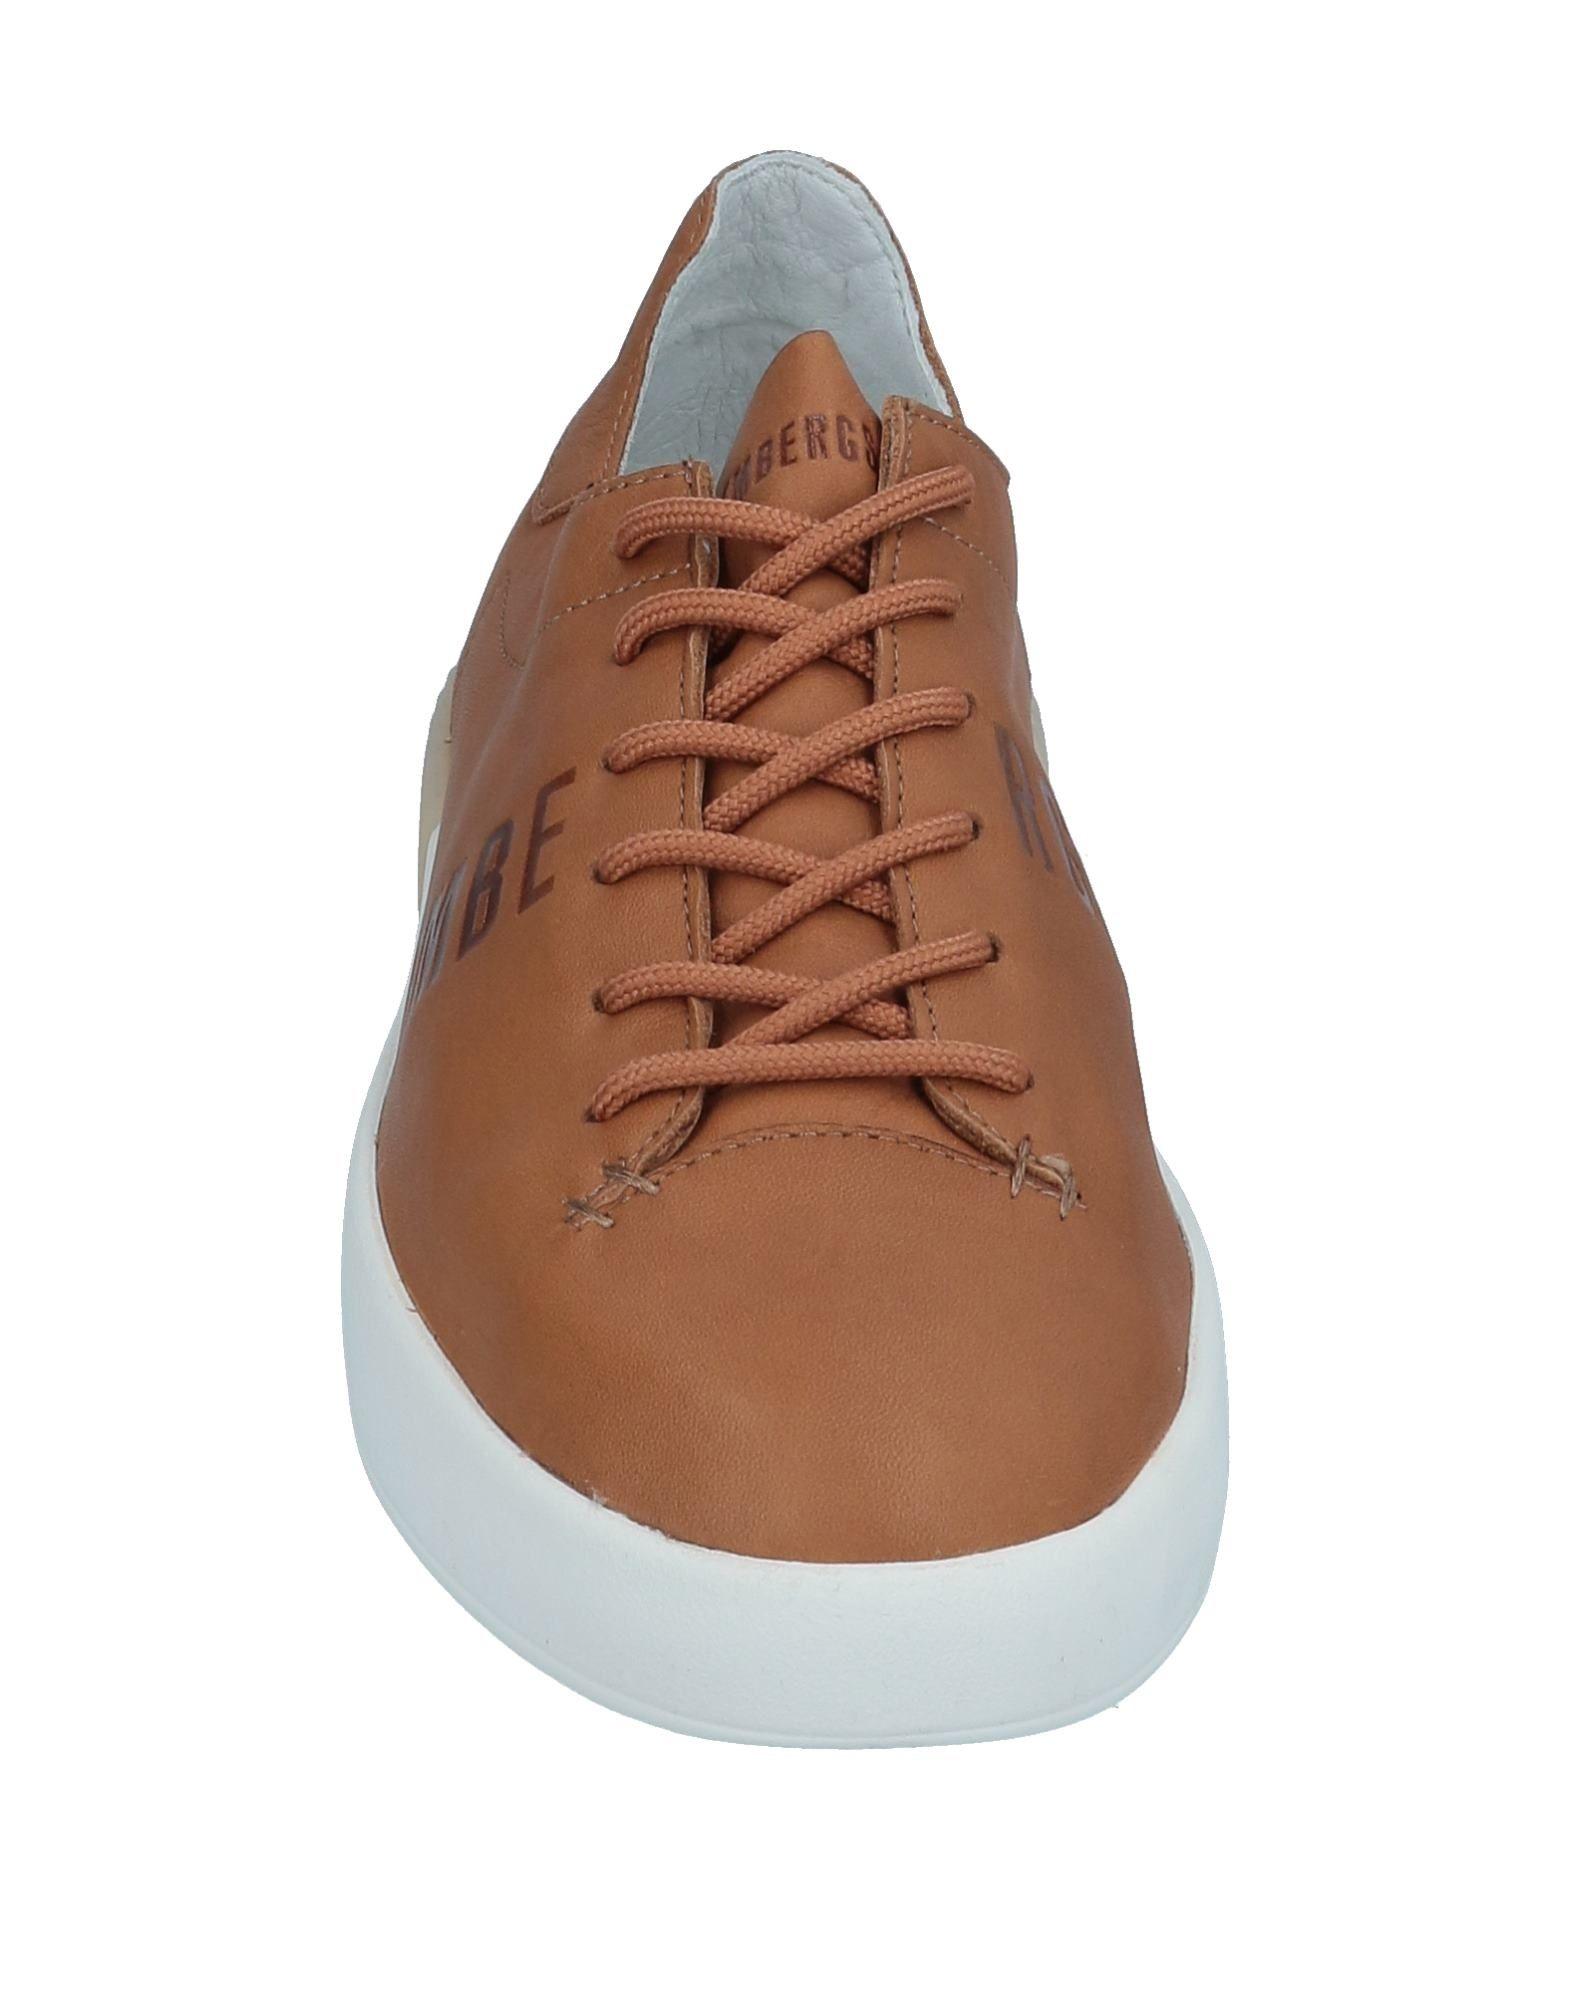 Bikkembergs Sneakers Herren  11569100KM Gute Qualität beliebte Schuhe Schuhe Schuhe 880788